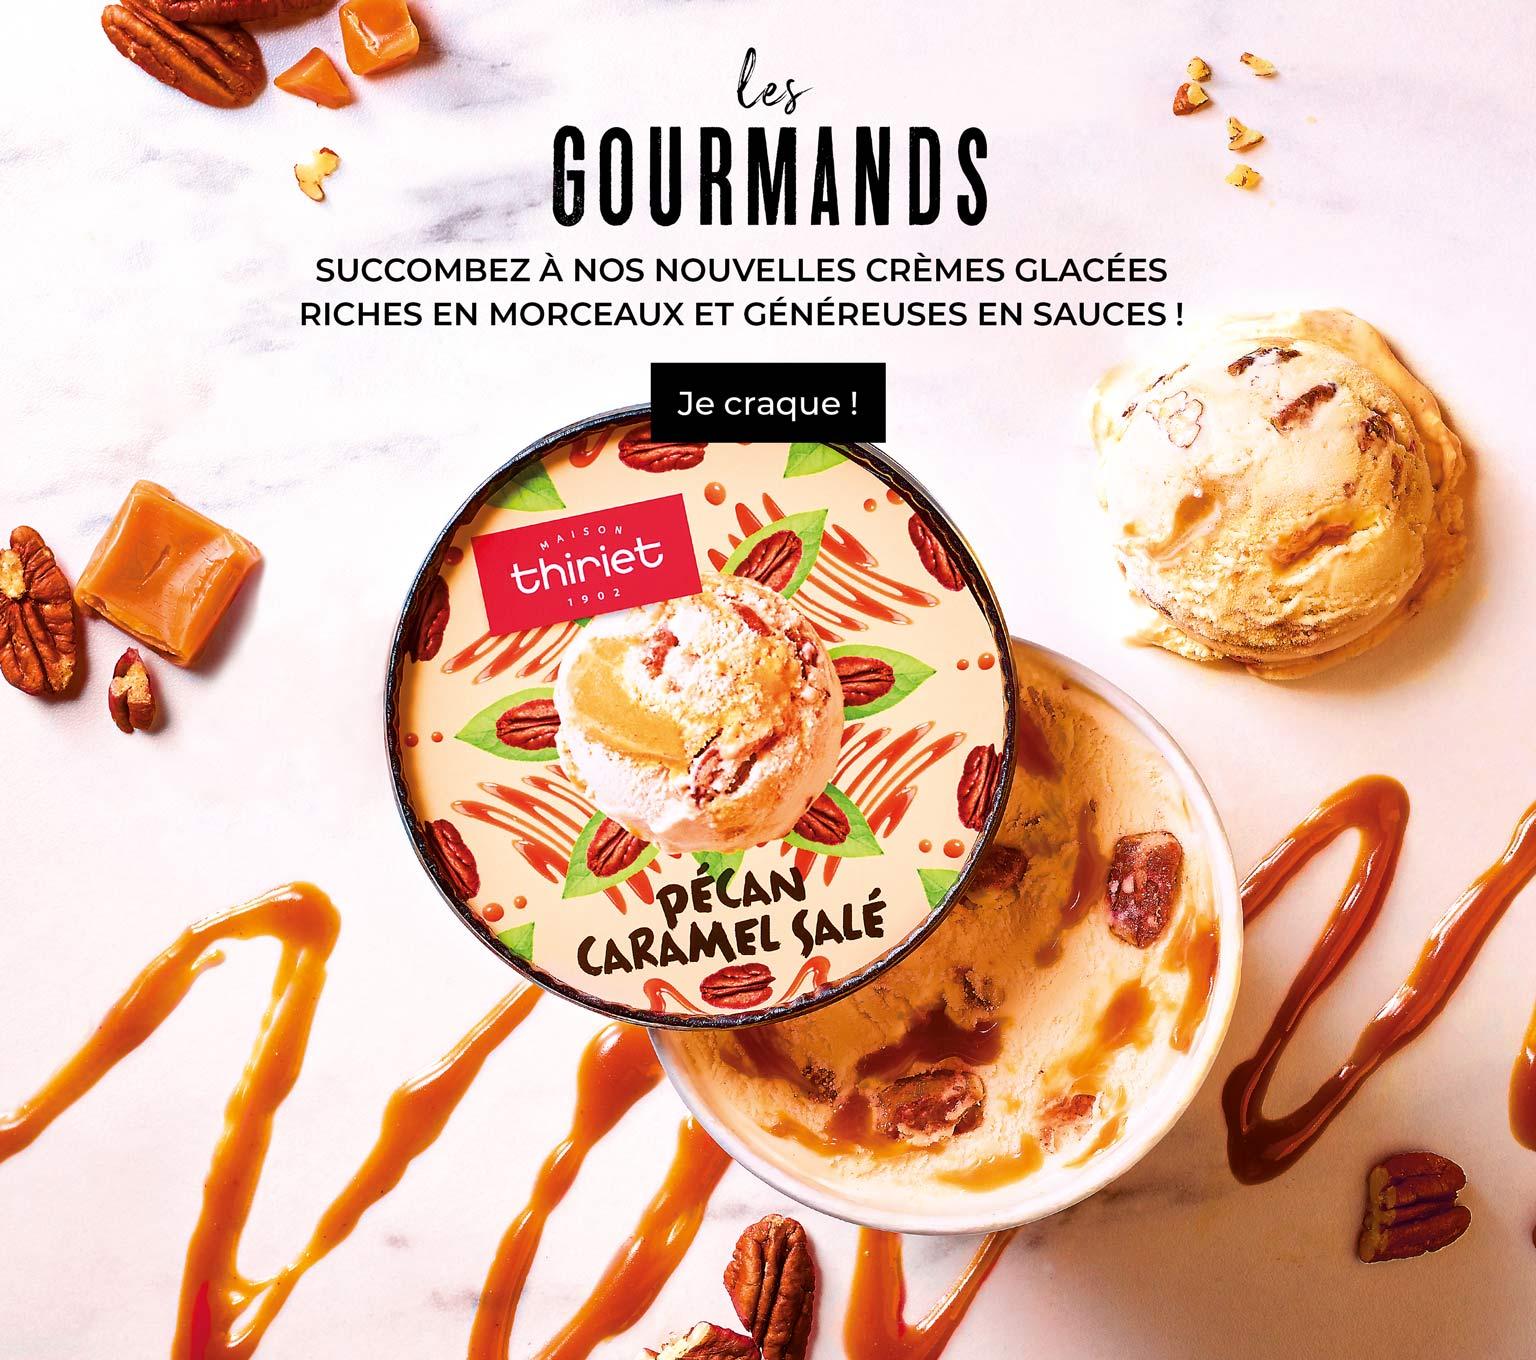 Succombez aux nouvelles crèmes glacées de la Maison Thiriet !